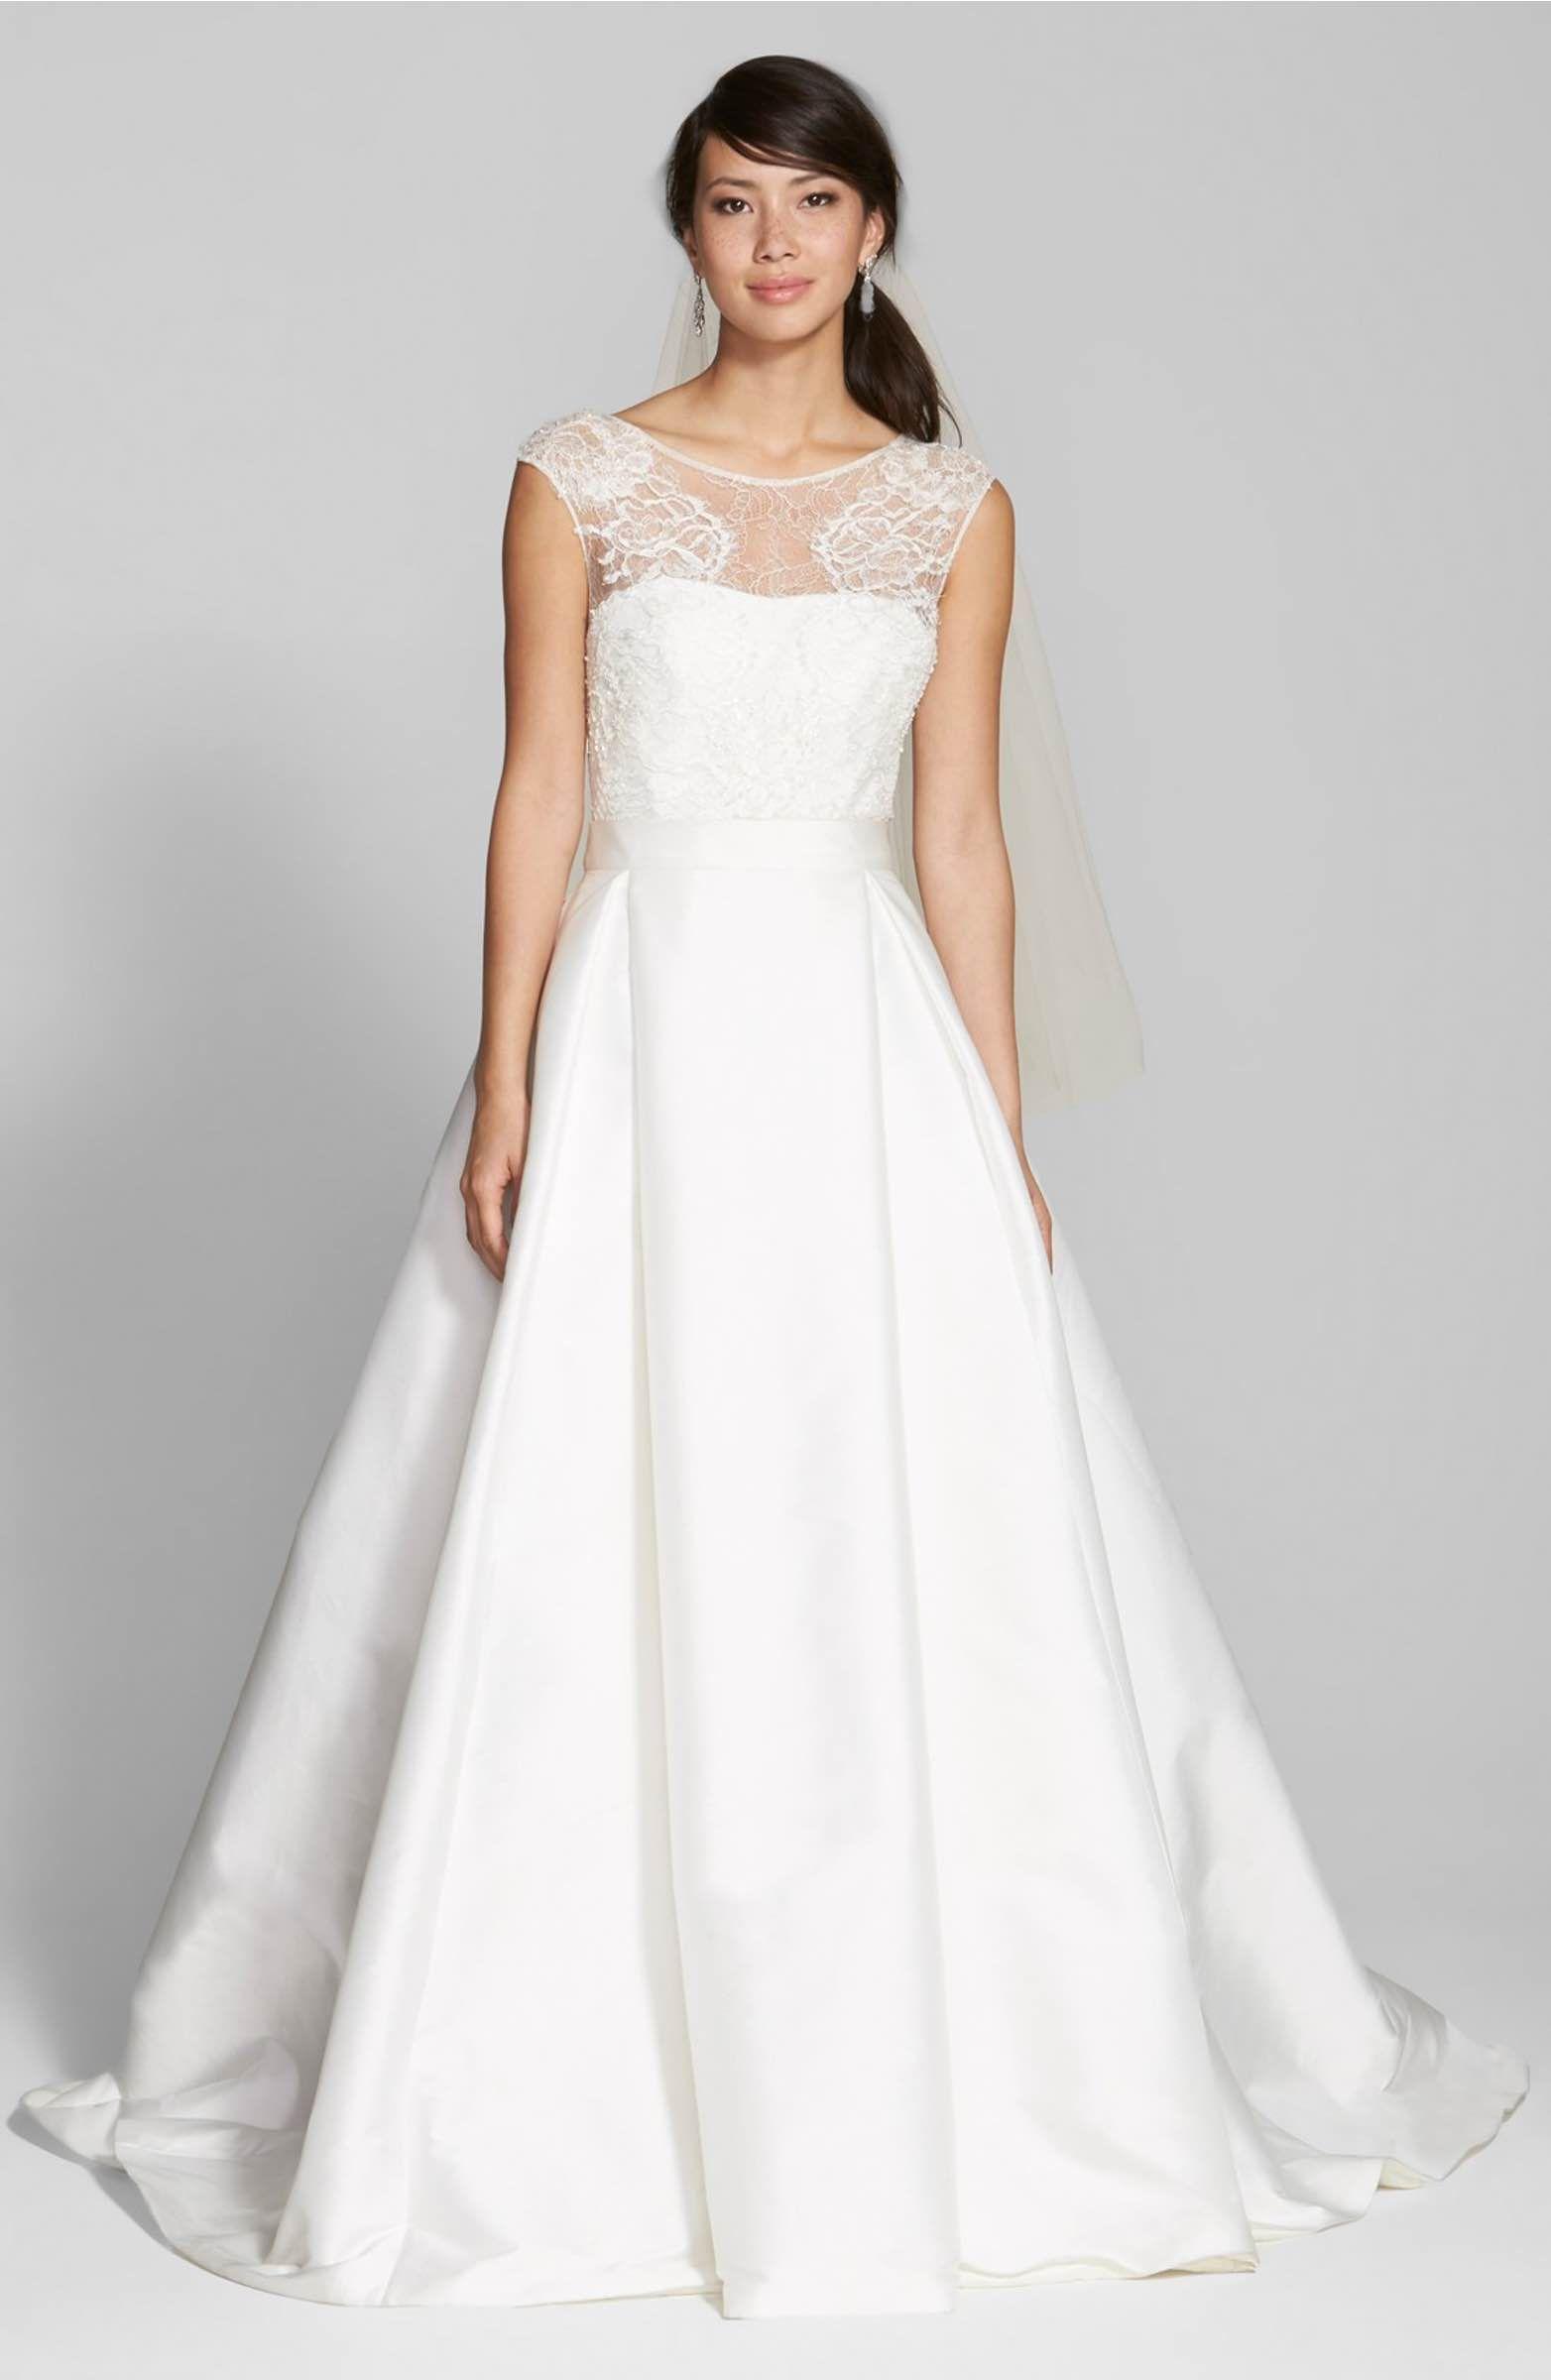 Lace u swiss dot tulle dress with mikado overskirt swiss dot